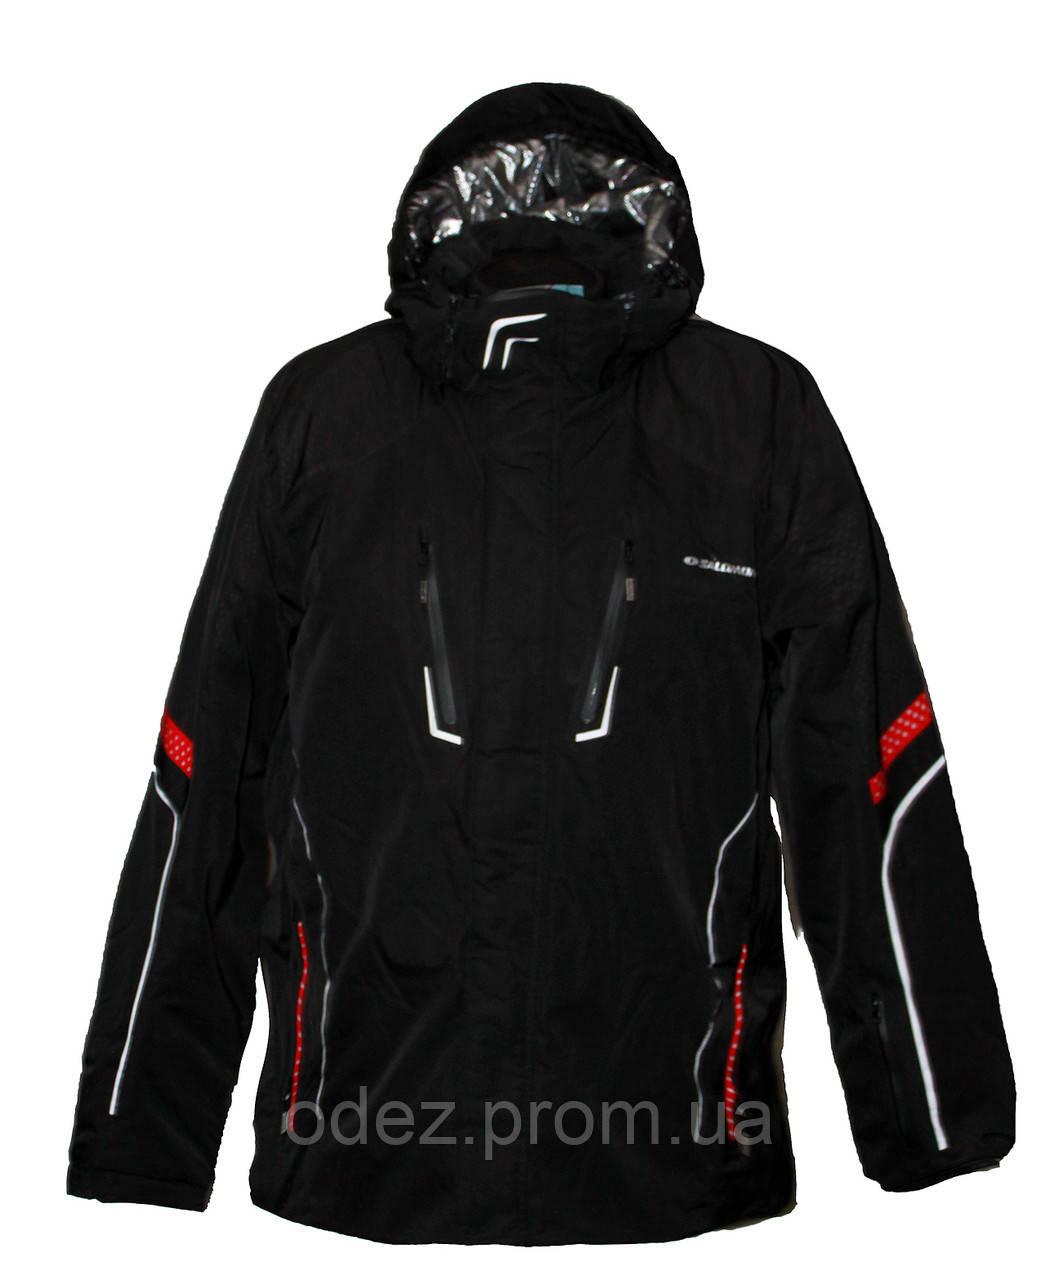 Мужская горнолыжная (лыжная) куртка Salomon c Omni-Heat - Интернет-магазин  одежды 8263b3b88b6